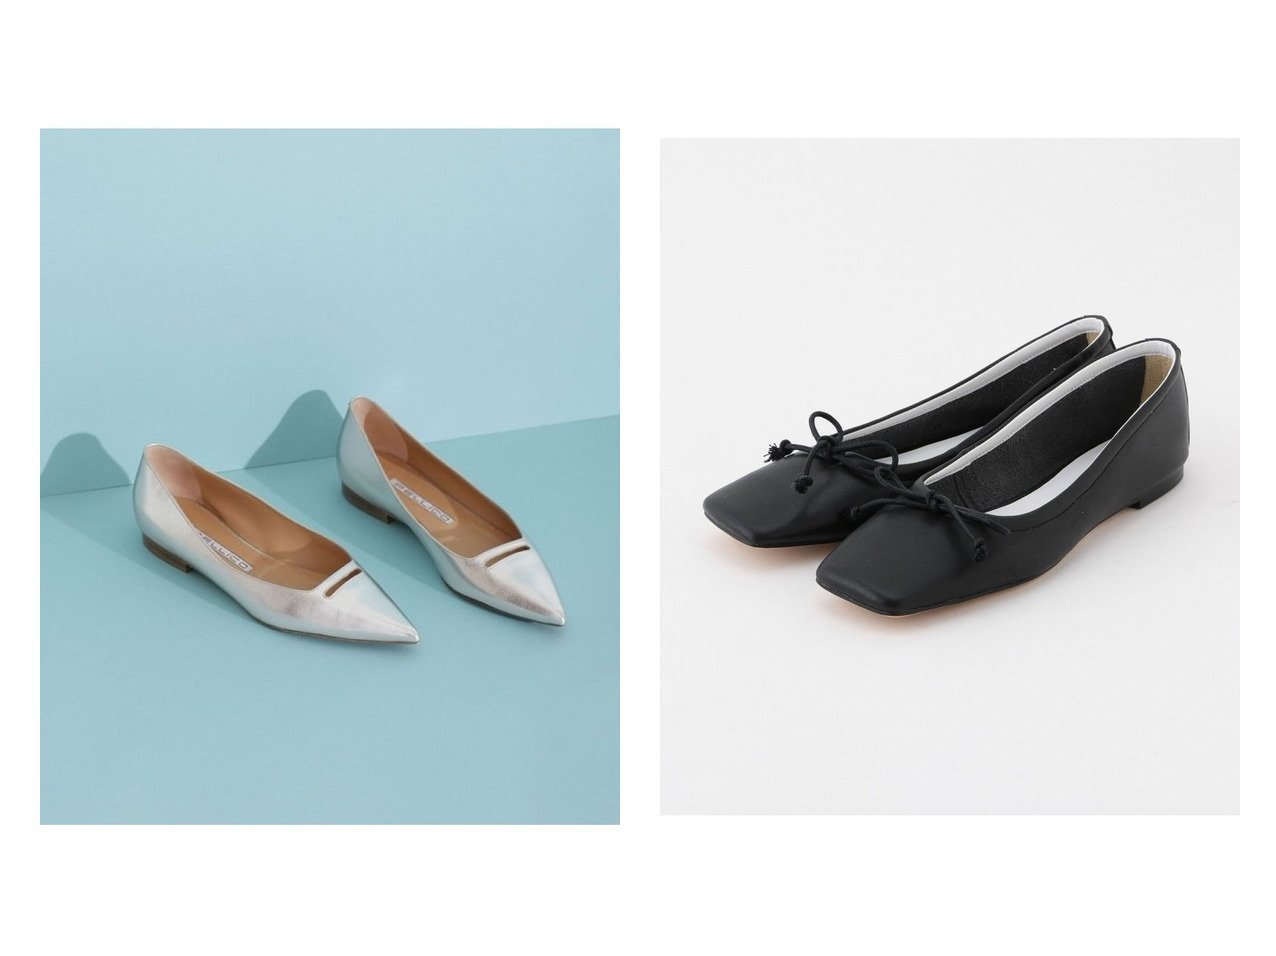 【PELLICO/ペリーコ】のANELLI ポインテッドフラットパンプス&【ROPE/ロペ】のスクエアトゥバレエシューズ シューズ・靴のおすすめ!人気、トレンド・レディースファッションの通販 おすすめで人気の流行・トレンド、ファッションの通販商品 メンズファッション・キッズファッション・インテリア・家具・レディースファッション・服の通販 founy(ファニー) https://founy.com/ ファッション Fashion レディースファッション WOMEN イタリア シューズ シルバー 人気 フォルム フラット 再入荷 Restock/Back in Stock/Re Arrival NEW・新作・新着・新入荷 New Arrivals スクエア バレエ |ID:crp329100000011800